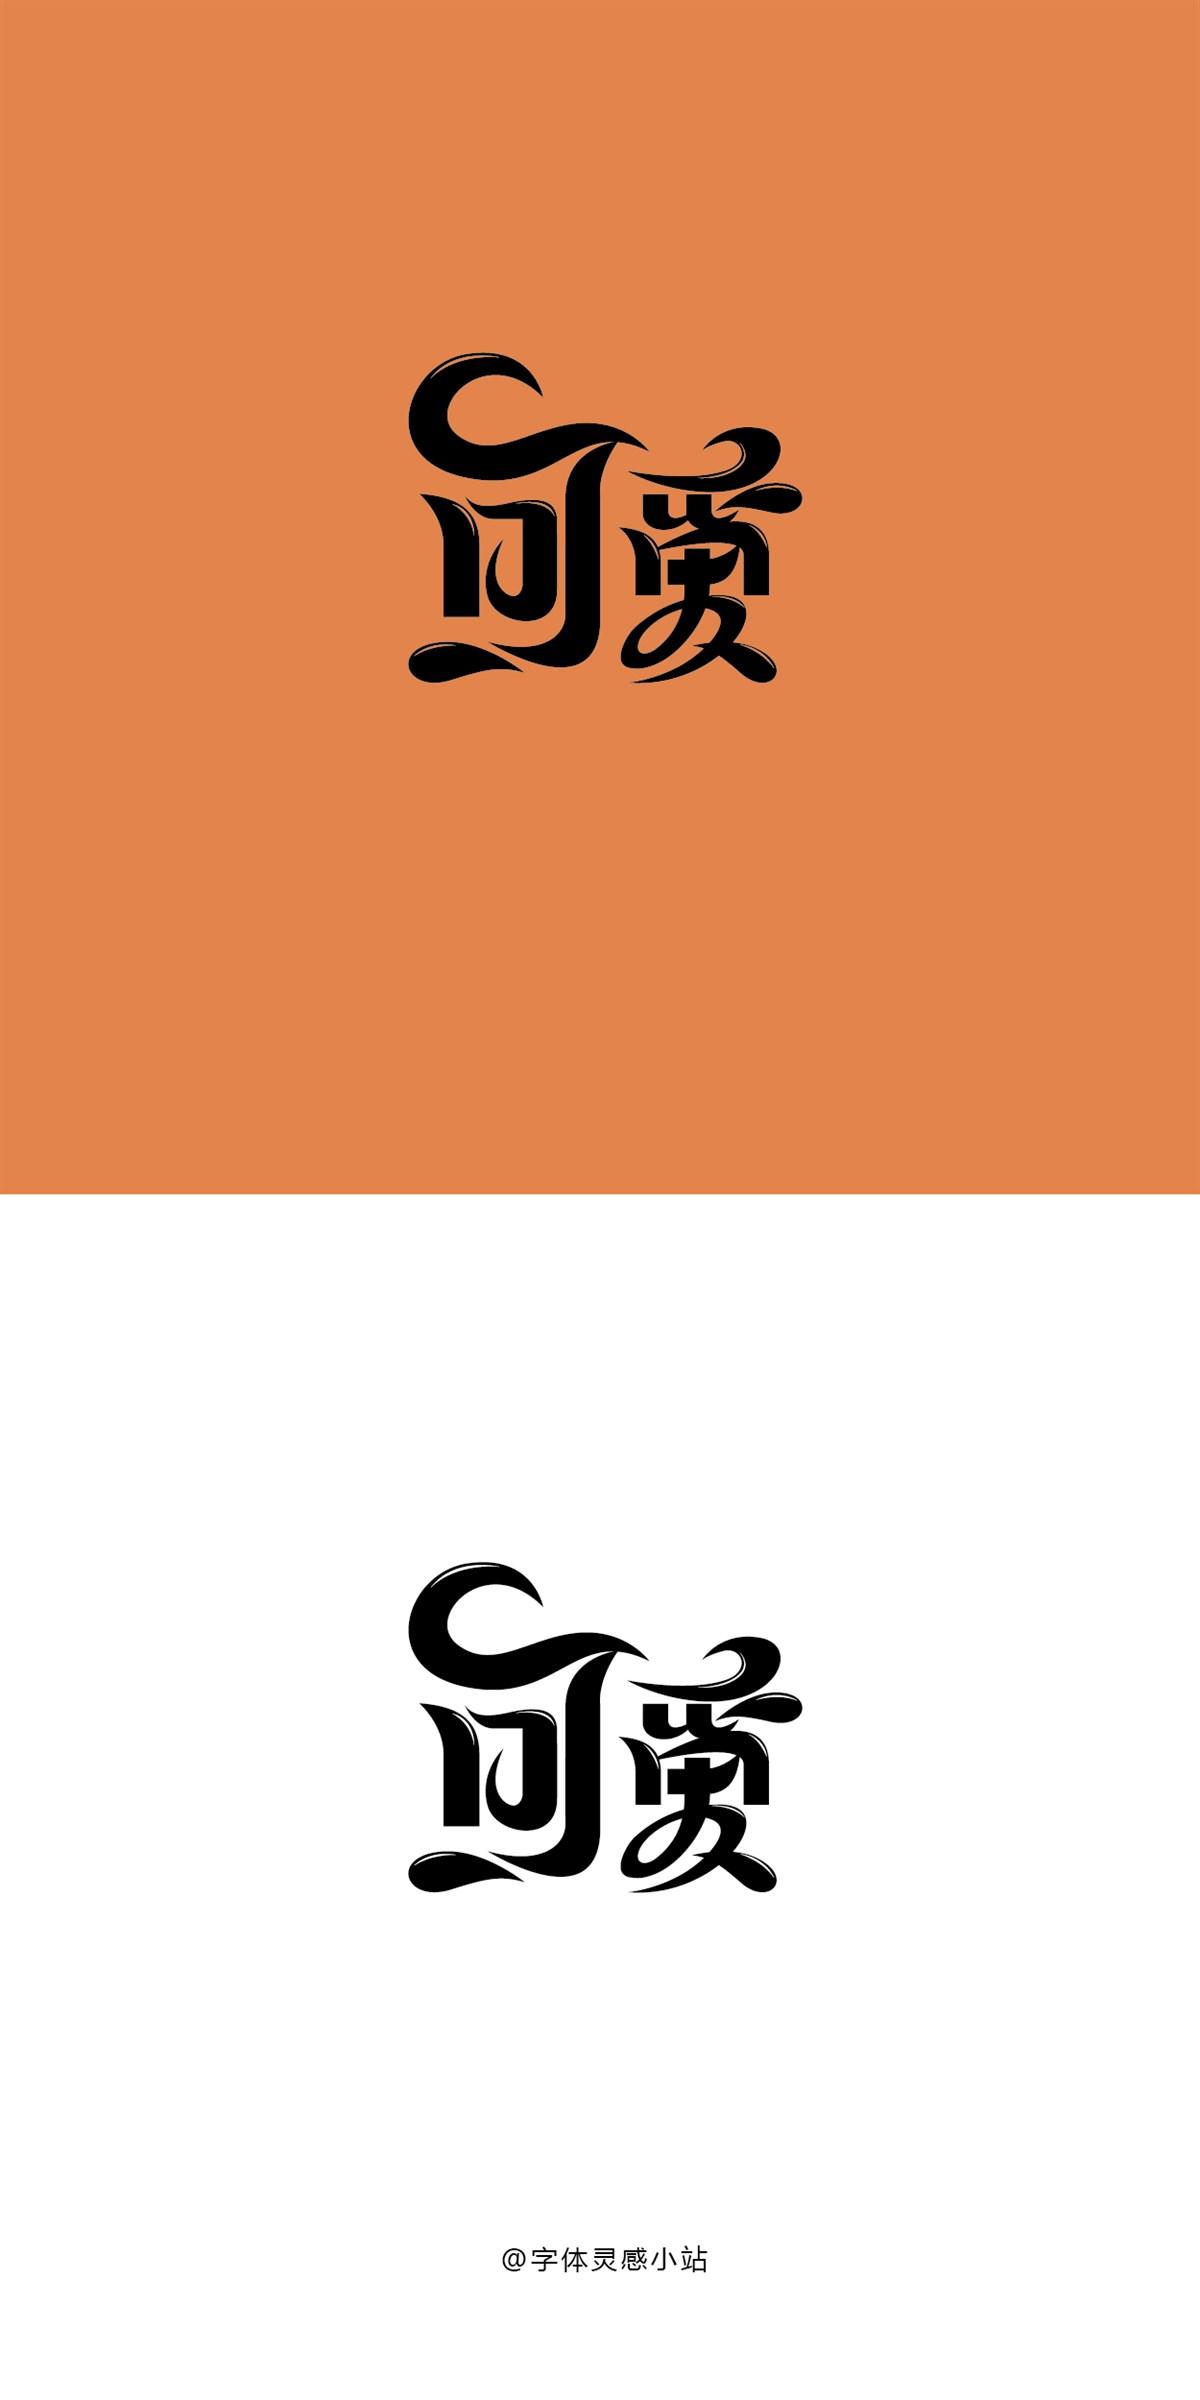 字体设计 主题情绪